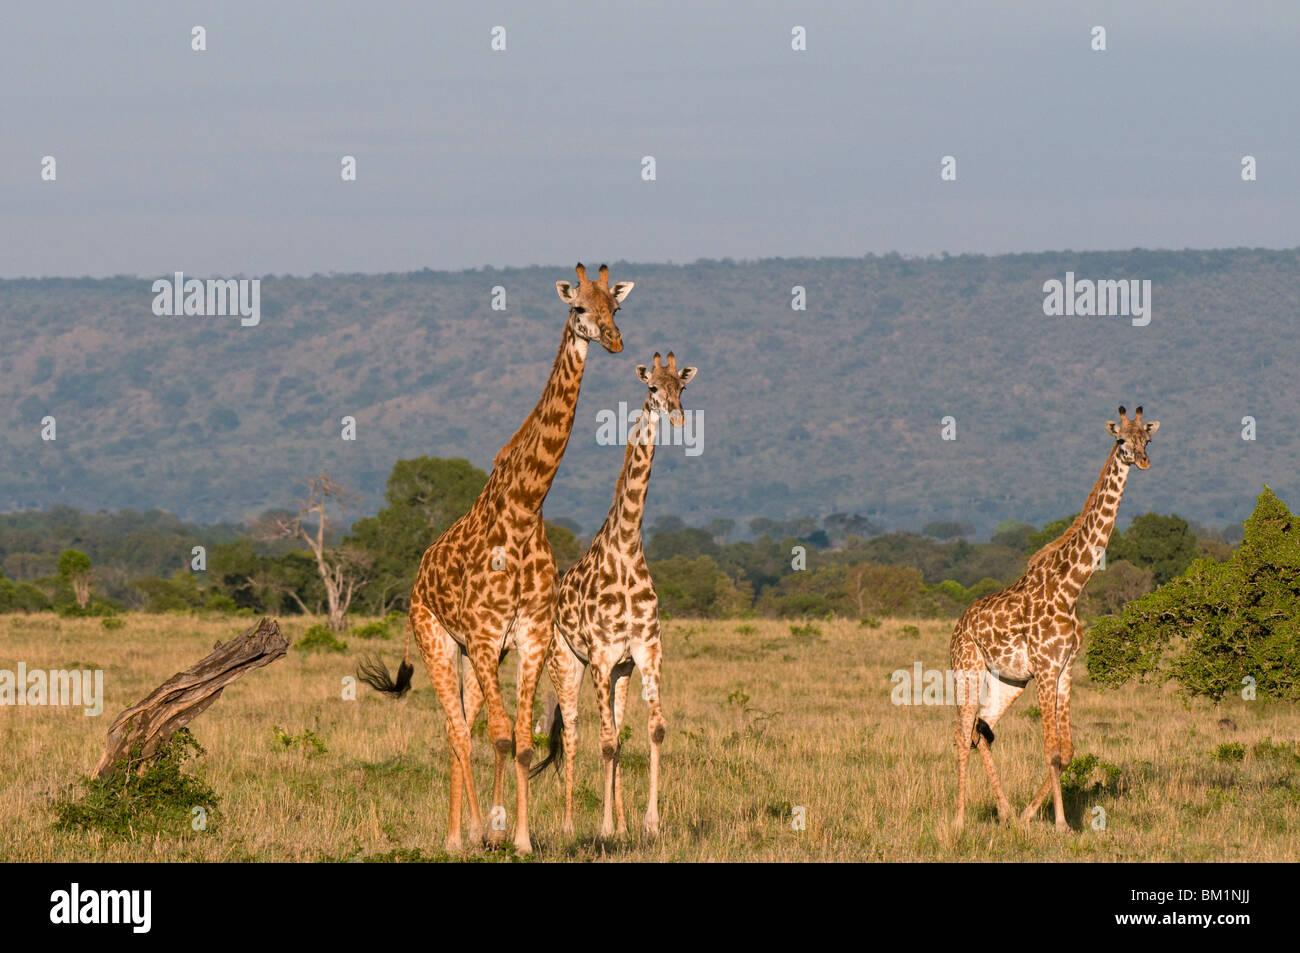 Les Masais Girafe (Giraffa camelopardalis), Masai Mara National Reserve, Kenya, Afrique de l'Est, l'Afrique Photo Stock